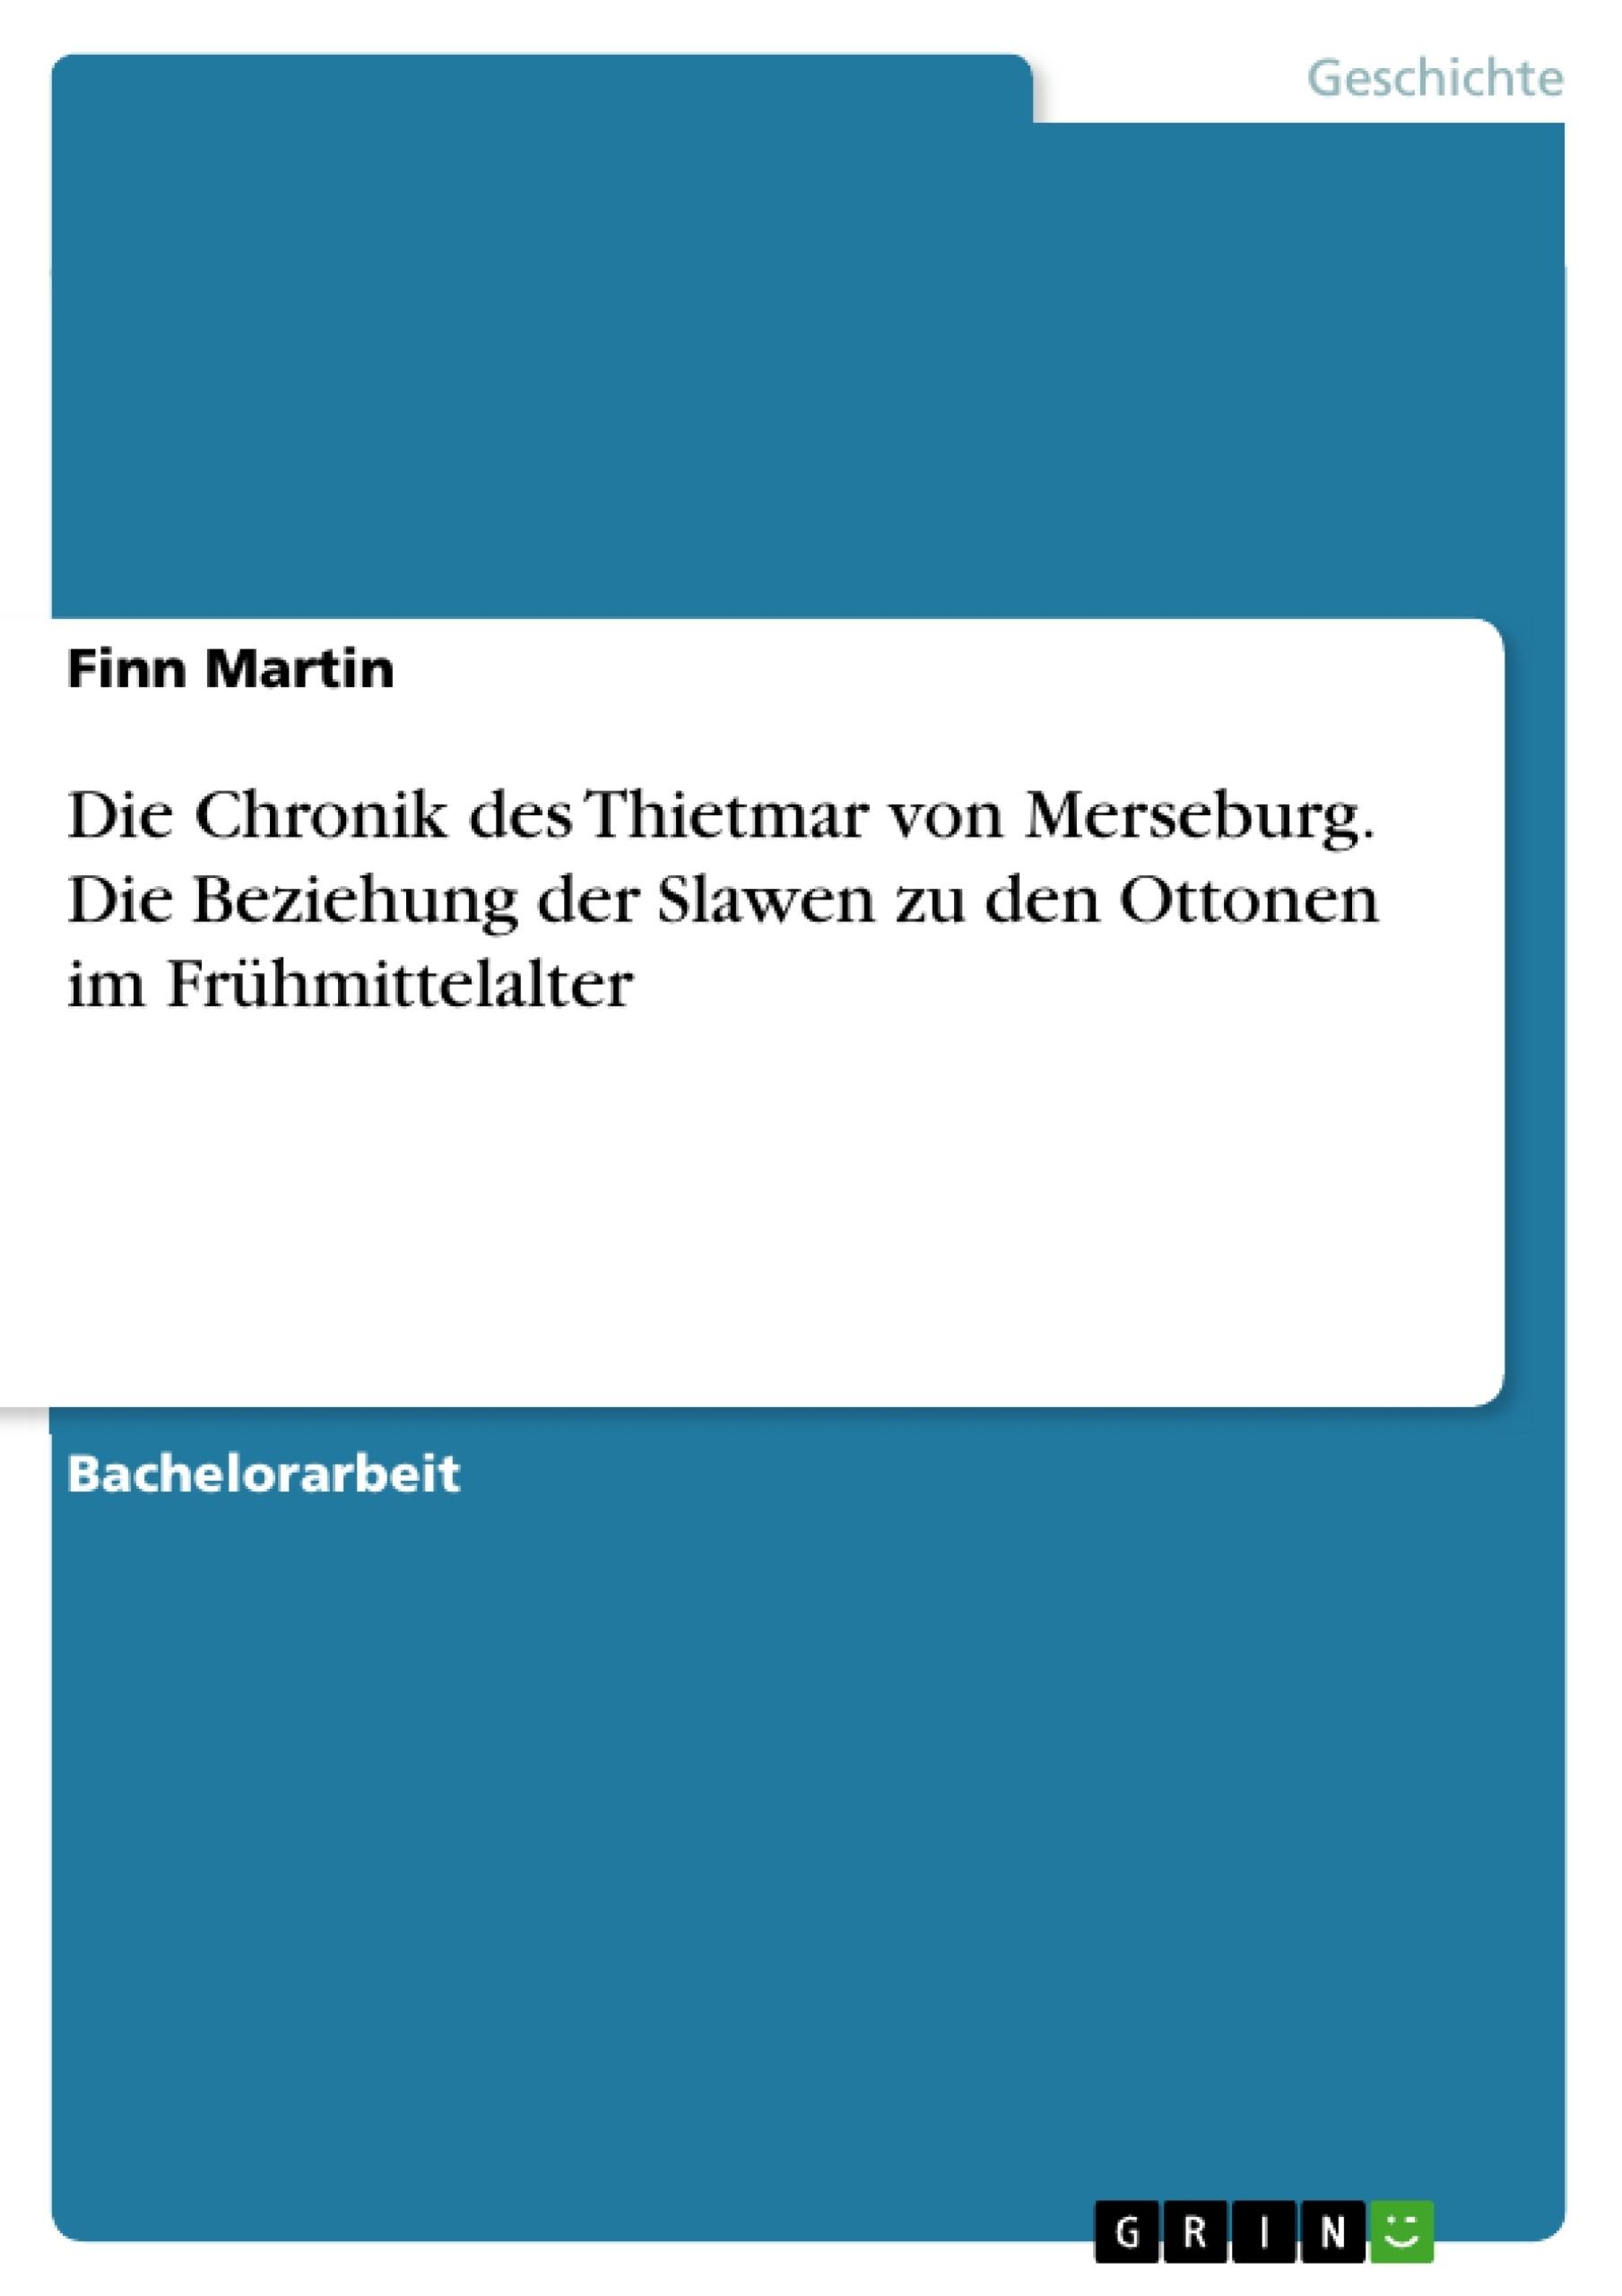 Titel: Die Chronik des Thietmar von Merseburg. Die Beziehung der Slawen zu den Ottonen im Frühmittelalter